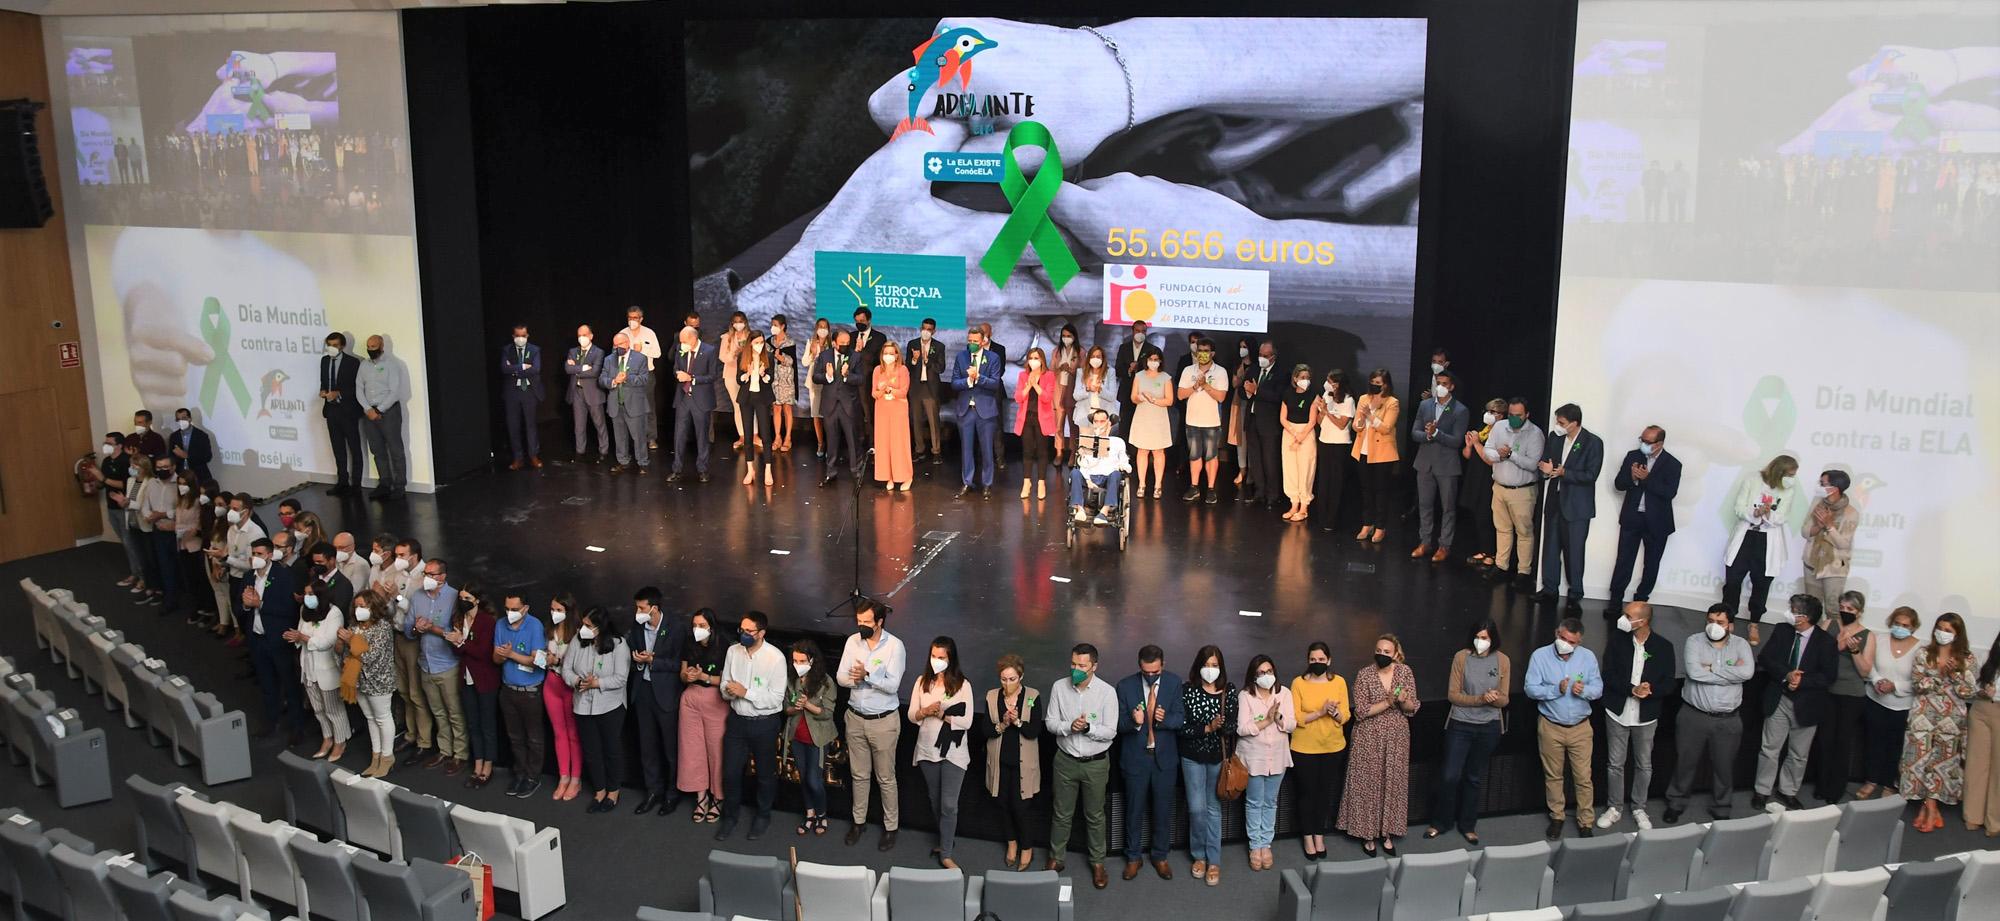 FOTO FAMILIA RECAUDACIÓN CAMPAÑA CONTRA LA ELA